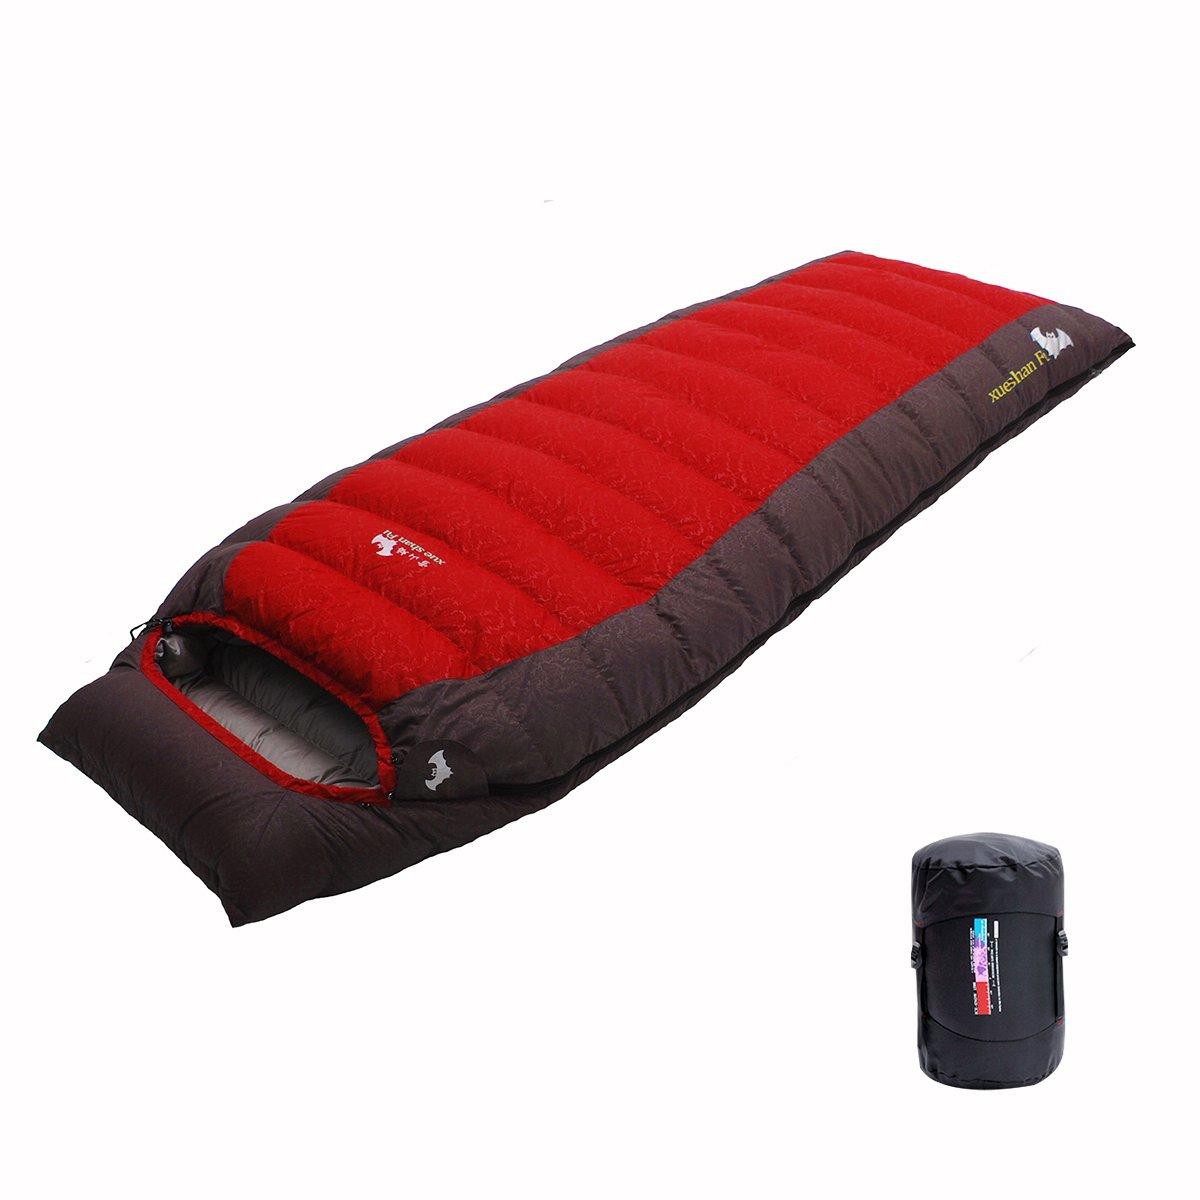 LMR Sacos de dormir rectangulares Al aire libre Ultraligero rectangular abajo saco de dormir para Camping con bolsa de compresión (Azul) xueshanFu